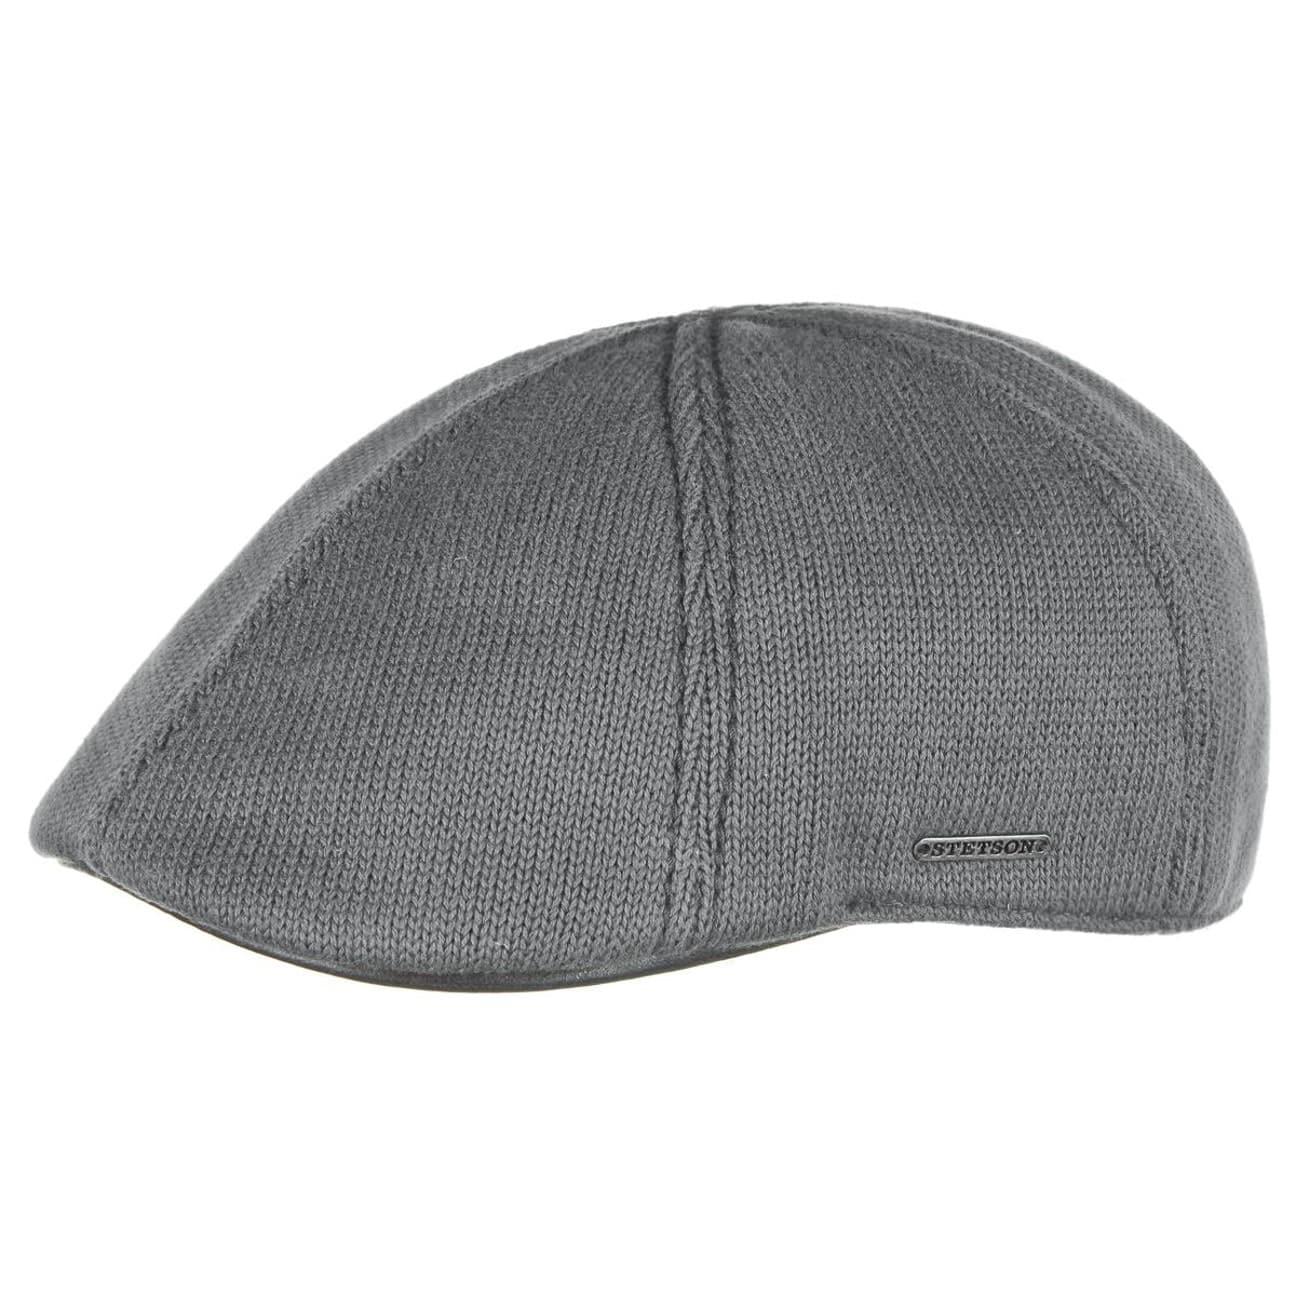 Gorra Gatsby Muskegon by Stetson - Gorras - sombreroshop.es 85a37e92a17